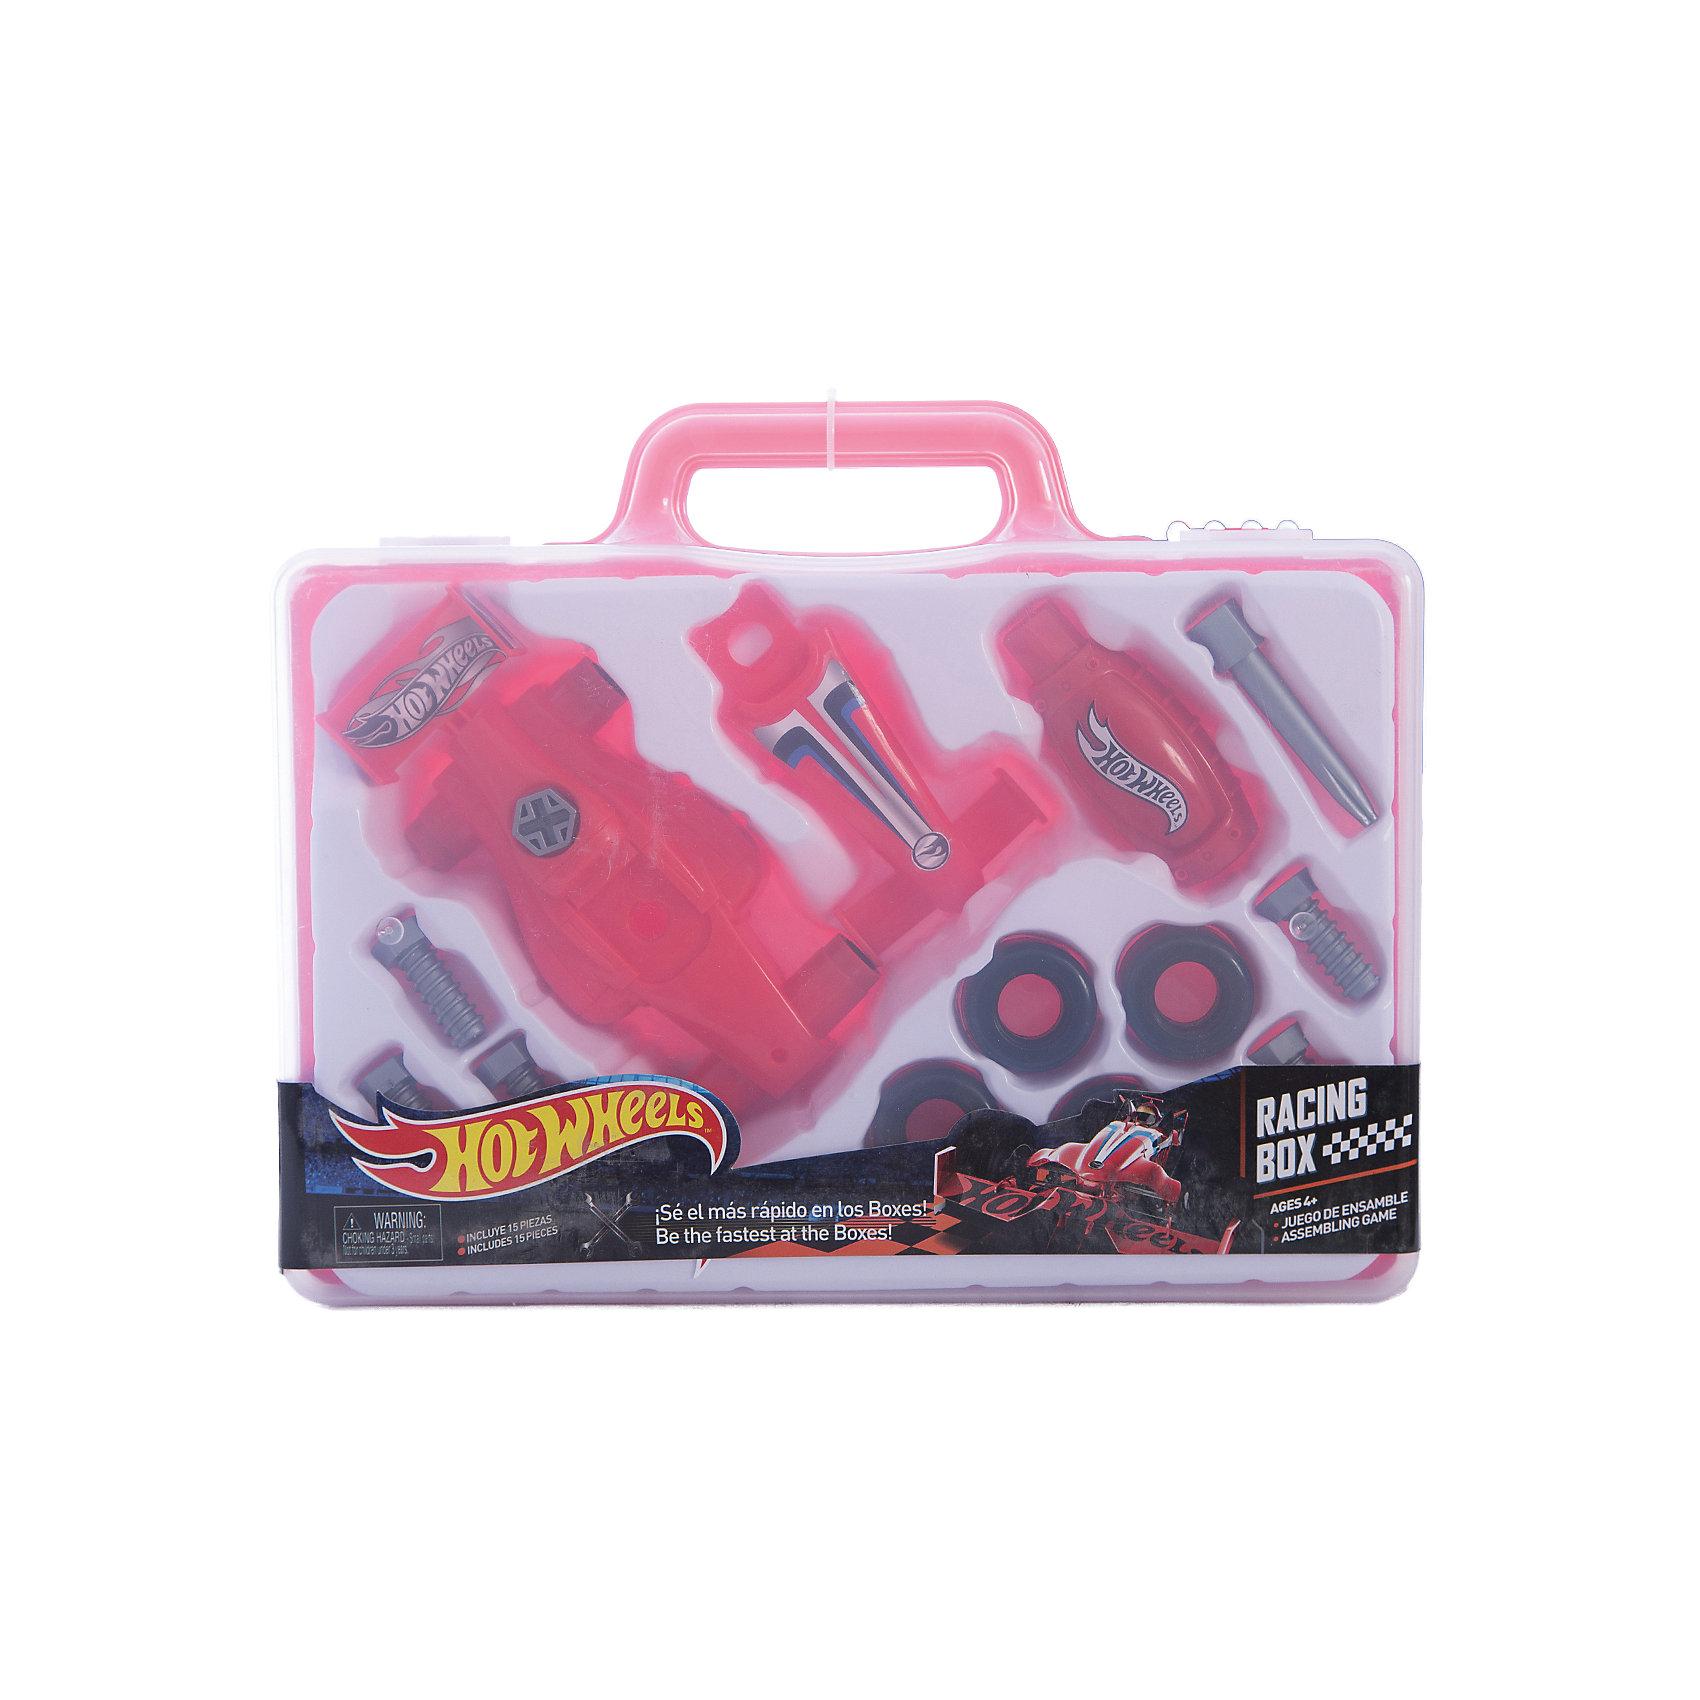 Игровой набор юного механика, в чемодане, Hot WheelsМастерская и инструменты<br>Игровой набор юного механика, большой, Hot Wheels (Хот Вилс).<br><br>Характеристика:<br><br>• Материал: пластик. <br>• Размер упаковки: 31x23x5 см. <br>• Комплектация: 6 болтов, 4 шины, 2 детали корпуса, 2 детали отвертки, чемоданчик. <br>• Отличная детализация. <br>• Яркий красочный дизайн. <br>• Удобный пластиковый чемоданчик для хранения и переноски. <br><br>С этим оригинальным игровым набором, выполненным в стилистике Hot Wheels, любой мальчик почувствует себя настоящим автомехаником и сможет собрать гоночный автомобиль! Все детали упакованы в удобный пластиковый чемоданчик с прозрачной крышкой, отлично проработаны, легко и быстро соединяются между собой. Игрушки изготовлены из экологичного пластика, в производстве которого использованы только безопасные нетоксичные красители. <br><br>Игровой набор юного механика, большой, Hot Wheels (Хот Вилс) можно купить в нашем интернет-магазине.<br><br>Ширина мм: 300<br>Глубина мм: 240<br>Высота мм: 500<br>Вес г: 474<br>Возраст от месяцев: 36<br>Возраст до месяцев: 2147483647<br>Пол: Мужской<br>Возраст: Детский<br>SKU: 5238939